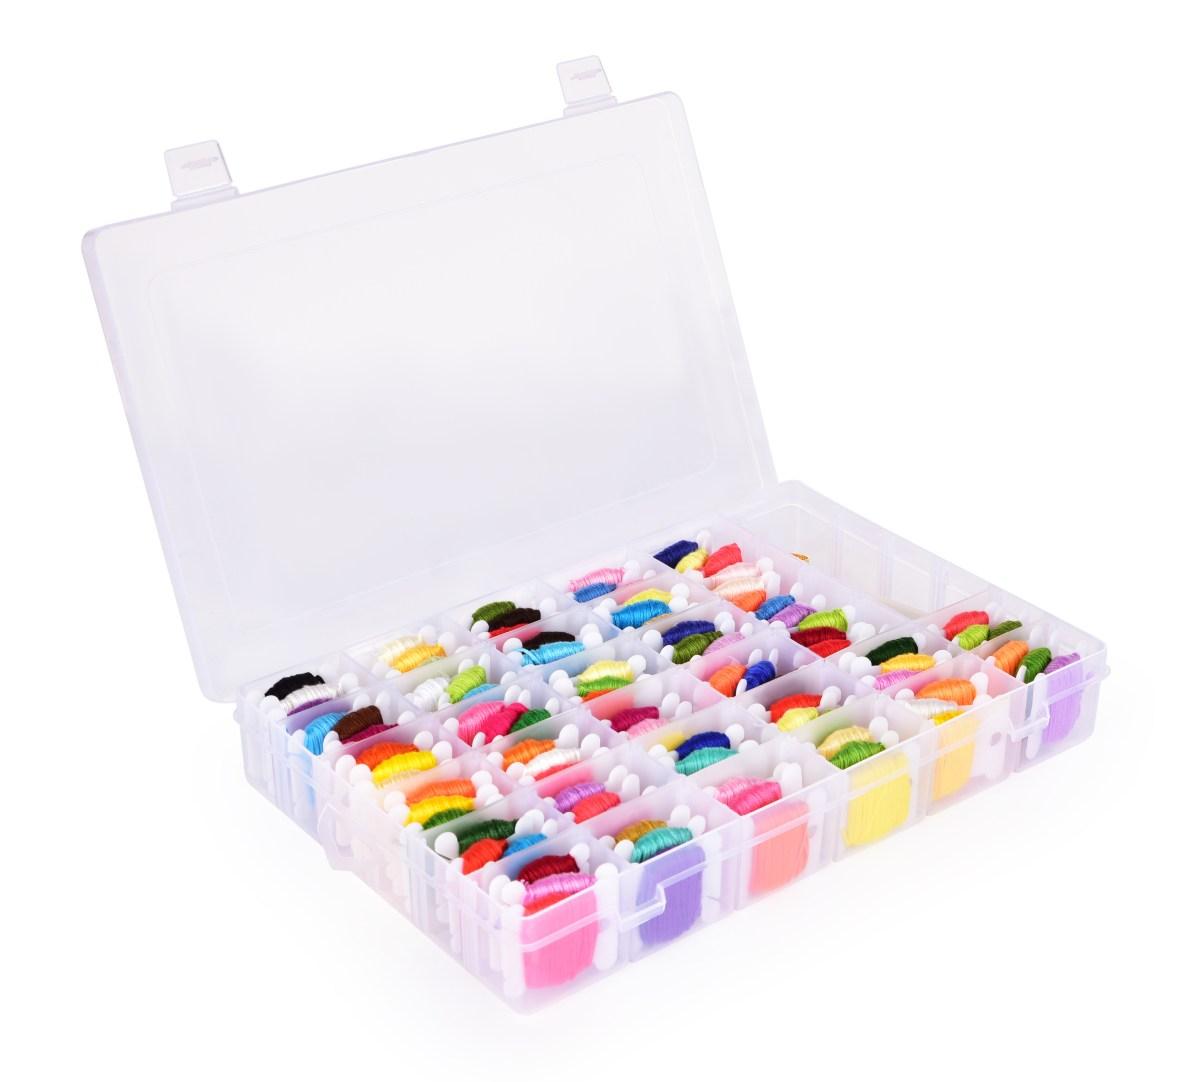 XL VELKÝ VYŠÍVACÍ BOX, sada 114 vyšívacích potřeb